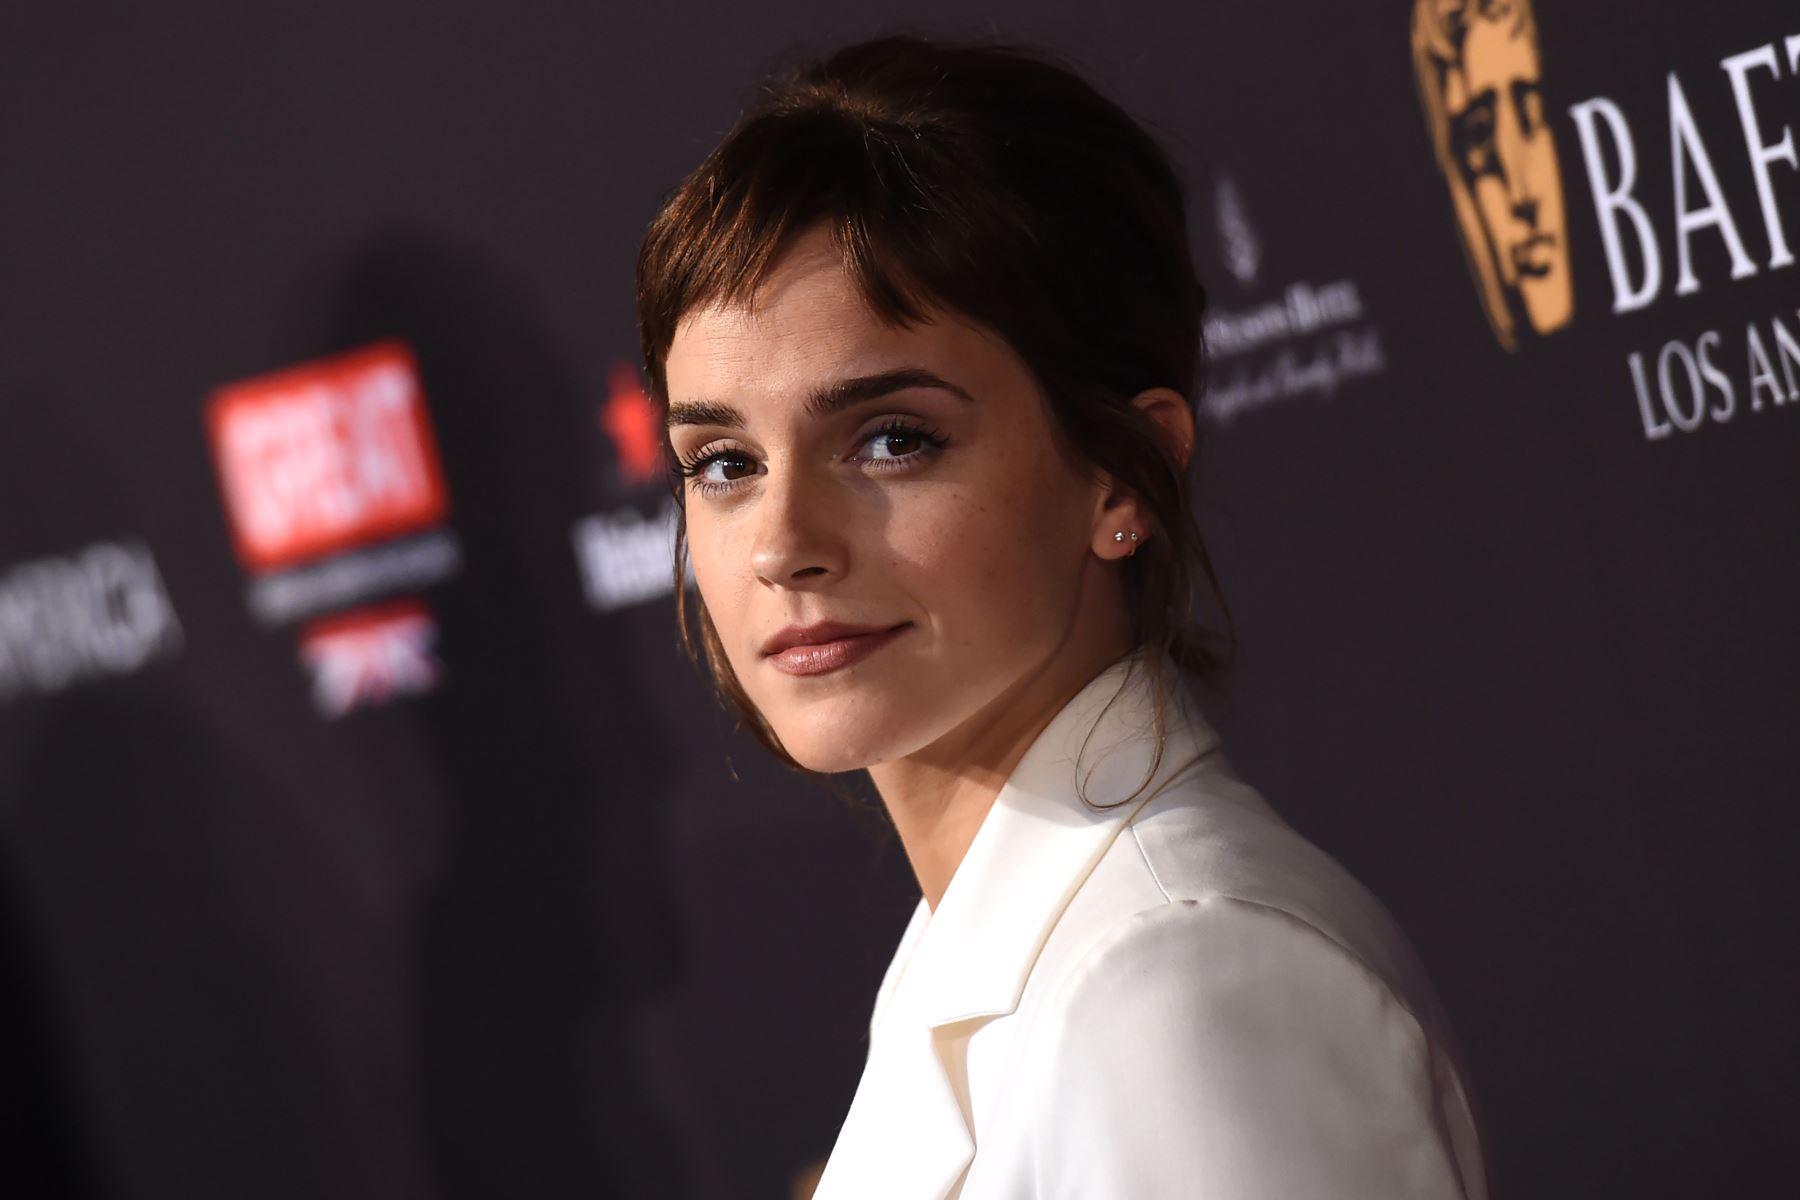 """Emma Watson (Actriz) """"A las jóvenes se les hace creer que tiene que ser algún tipo de princesa, delicada y frágil, y eso es una estupidez"""". Foto: AFP"""